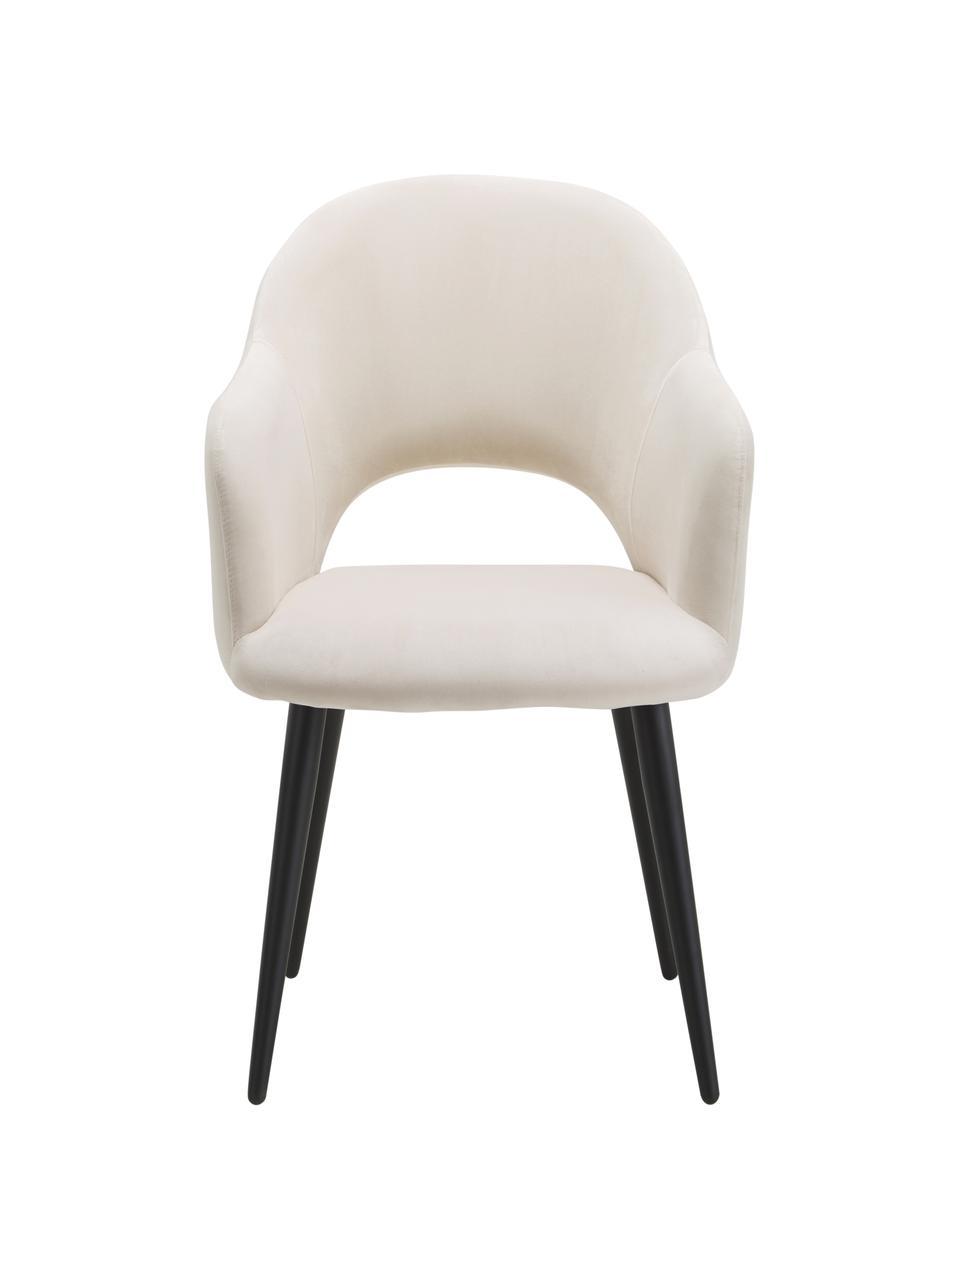 Sedia con braccioli in velluto beige Rachel, Rivestimento: velluto (poliestere) Il r, Gambe: metallo verniciato a polv, Velluto beige, Larg. 56 x Alt. 70 cm